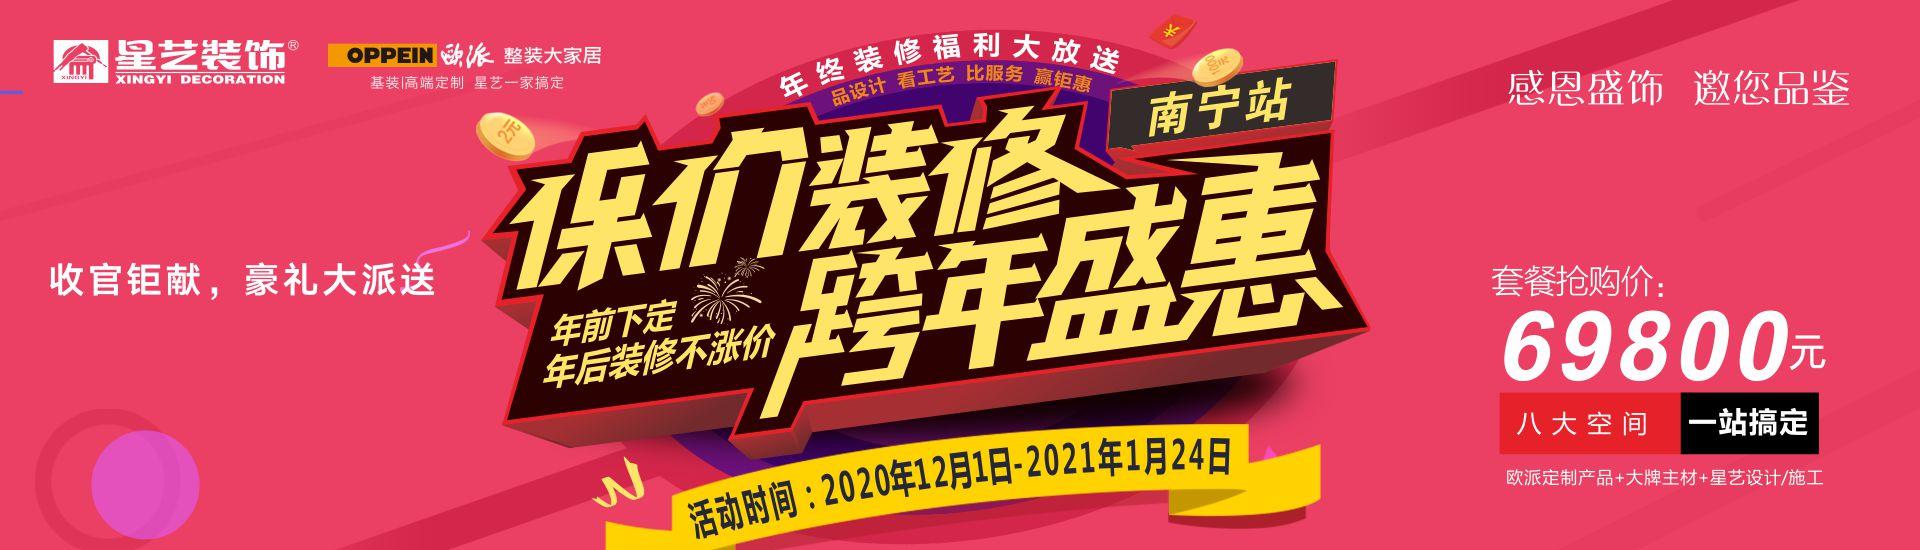 """南宁星艺装饰""""跨年盛惠·保价新利18全站""""(南宁站)"""